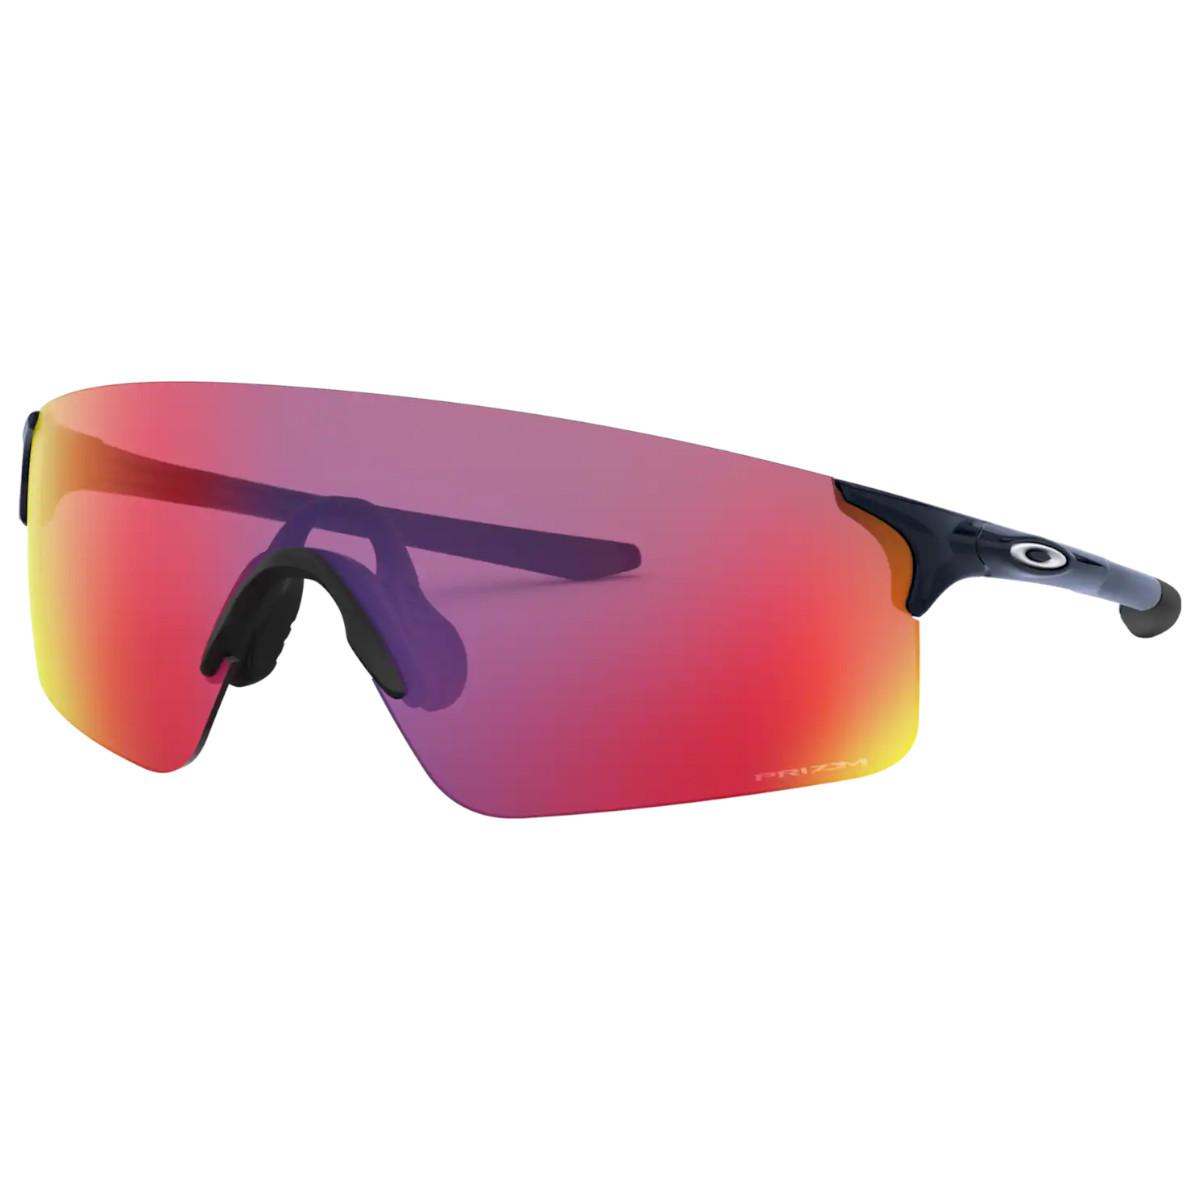 Óculos Oakley Evzero Blades Origins Navy Prizm Road